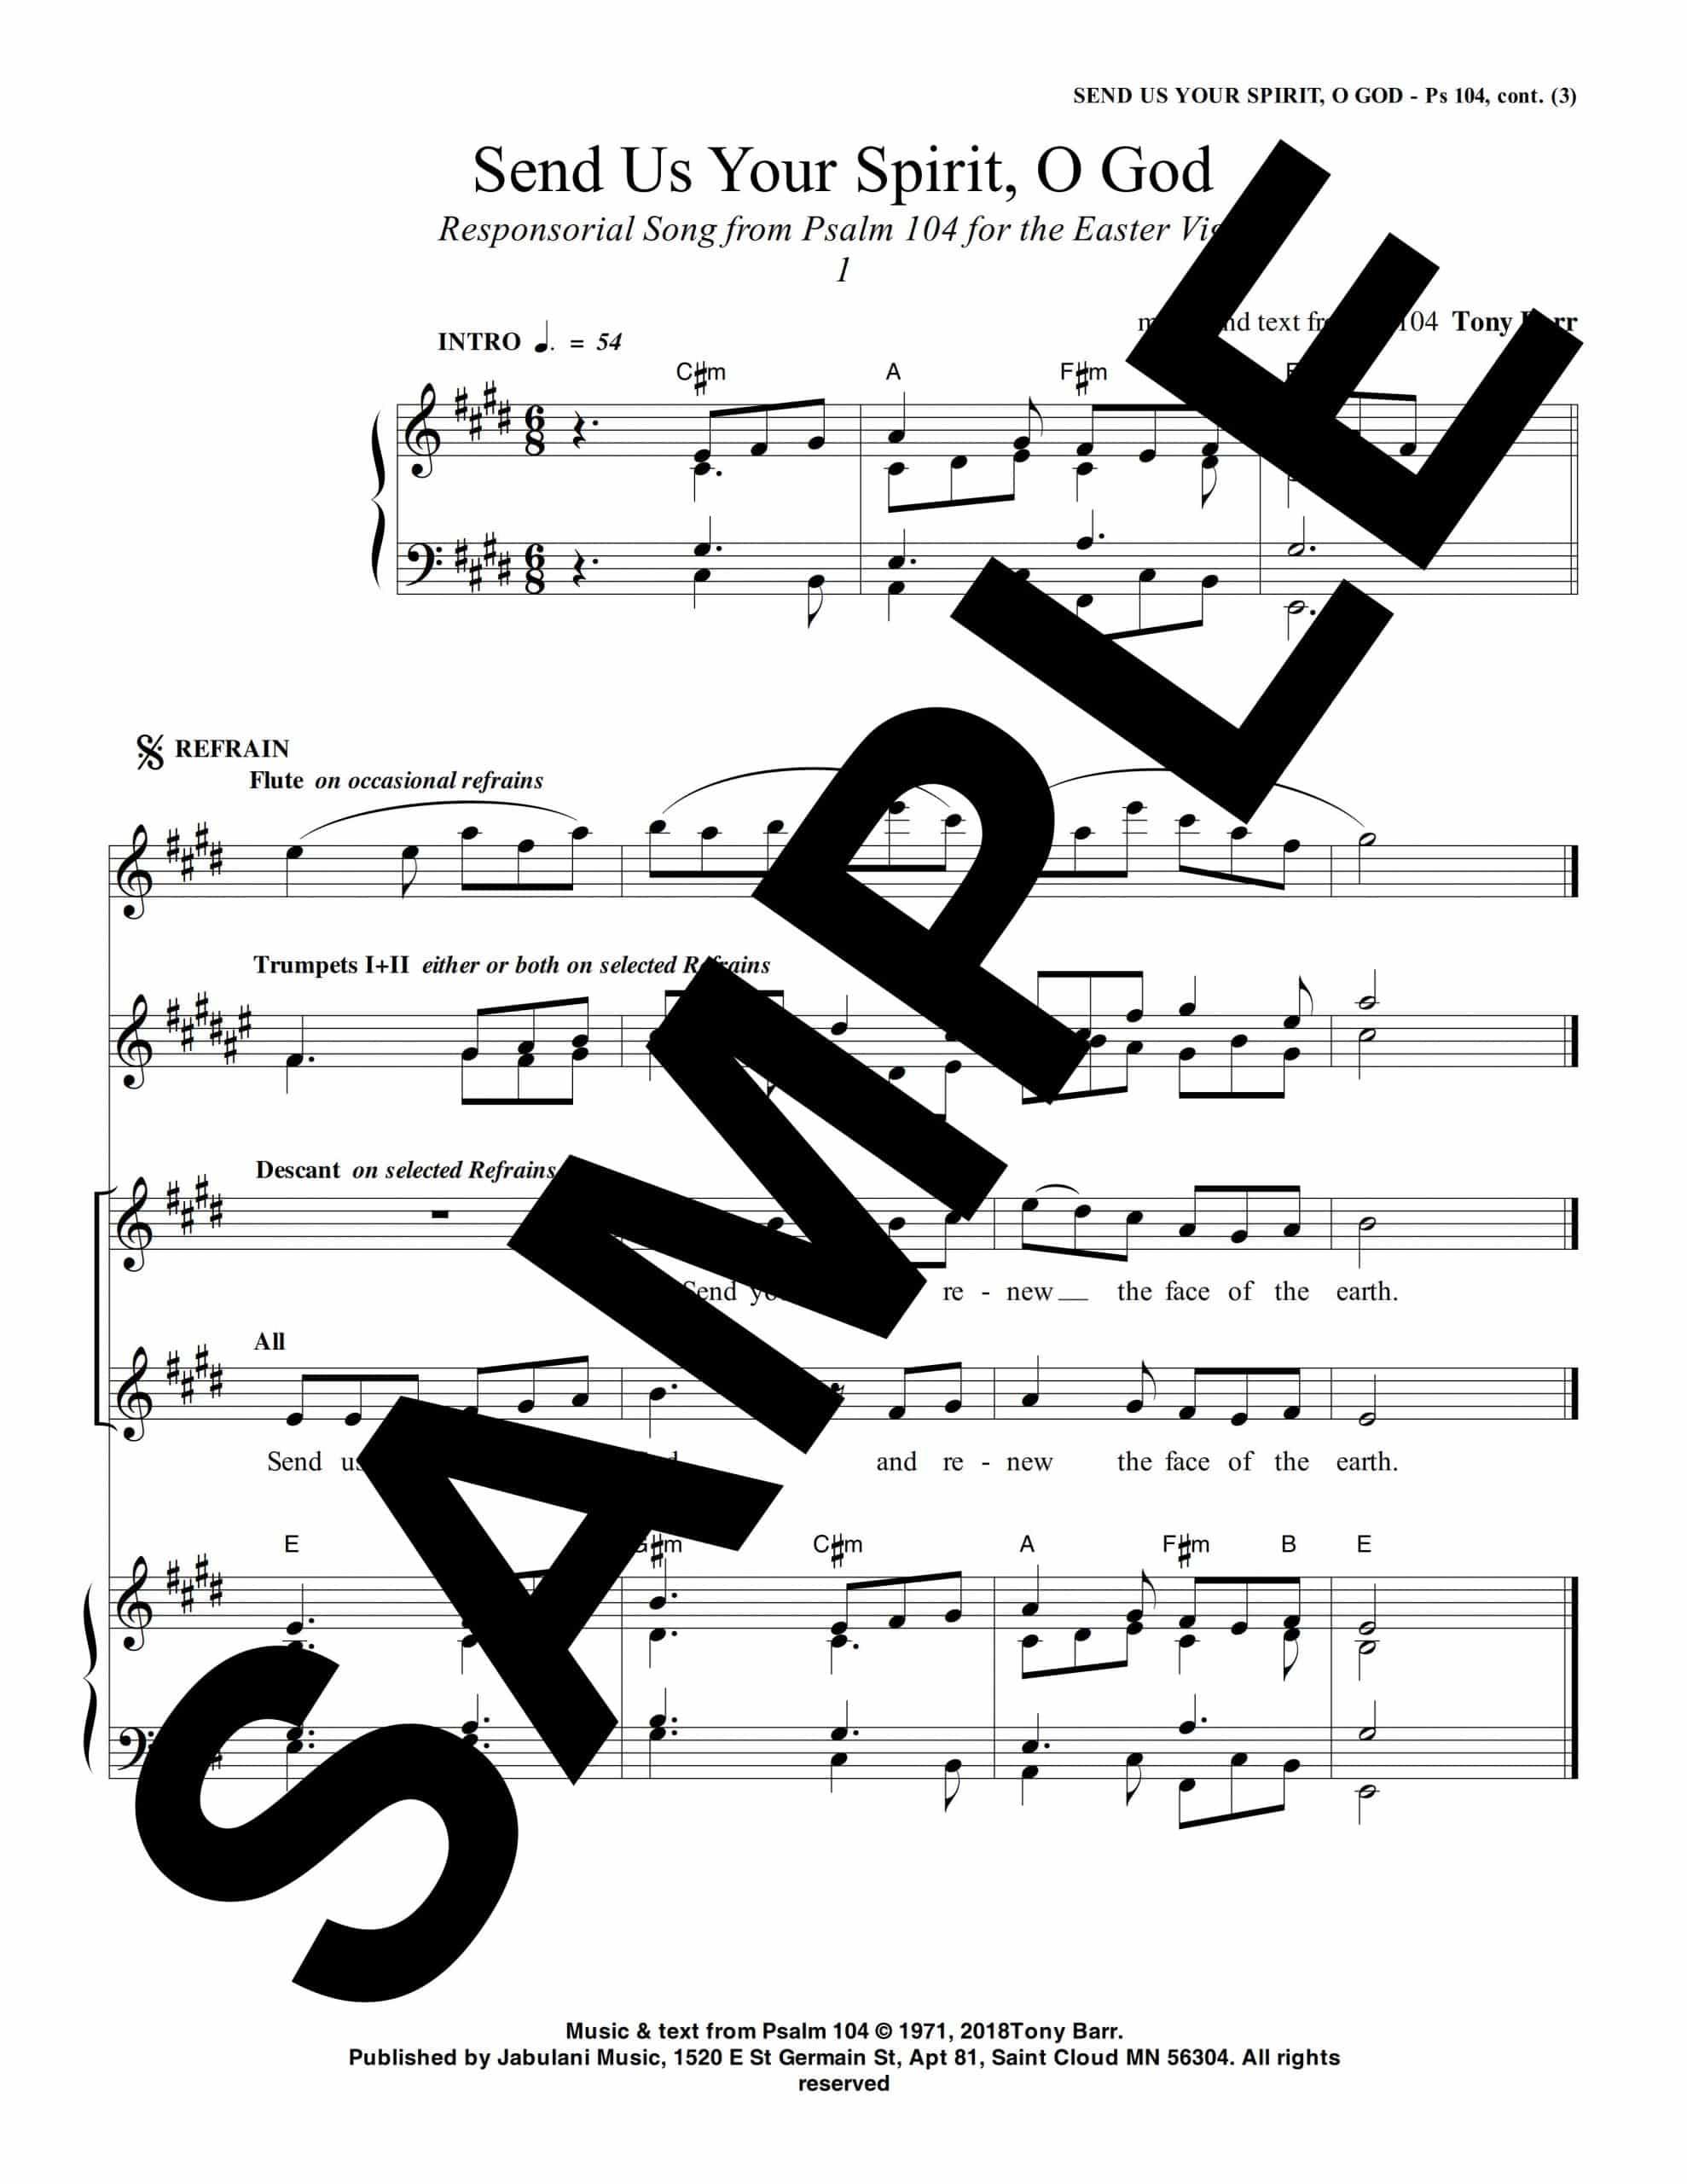 EV 1 Ps 104 Send Us Your Spirit O God Sample Musicians Parts 1 scaled